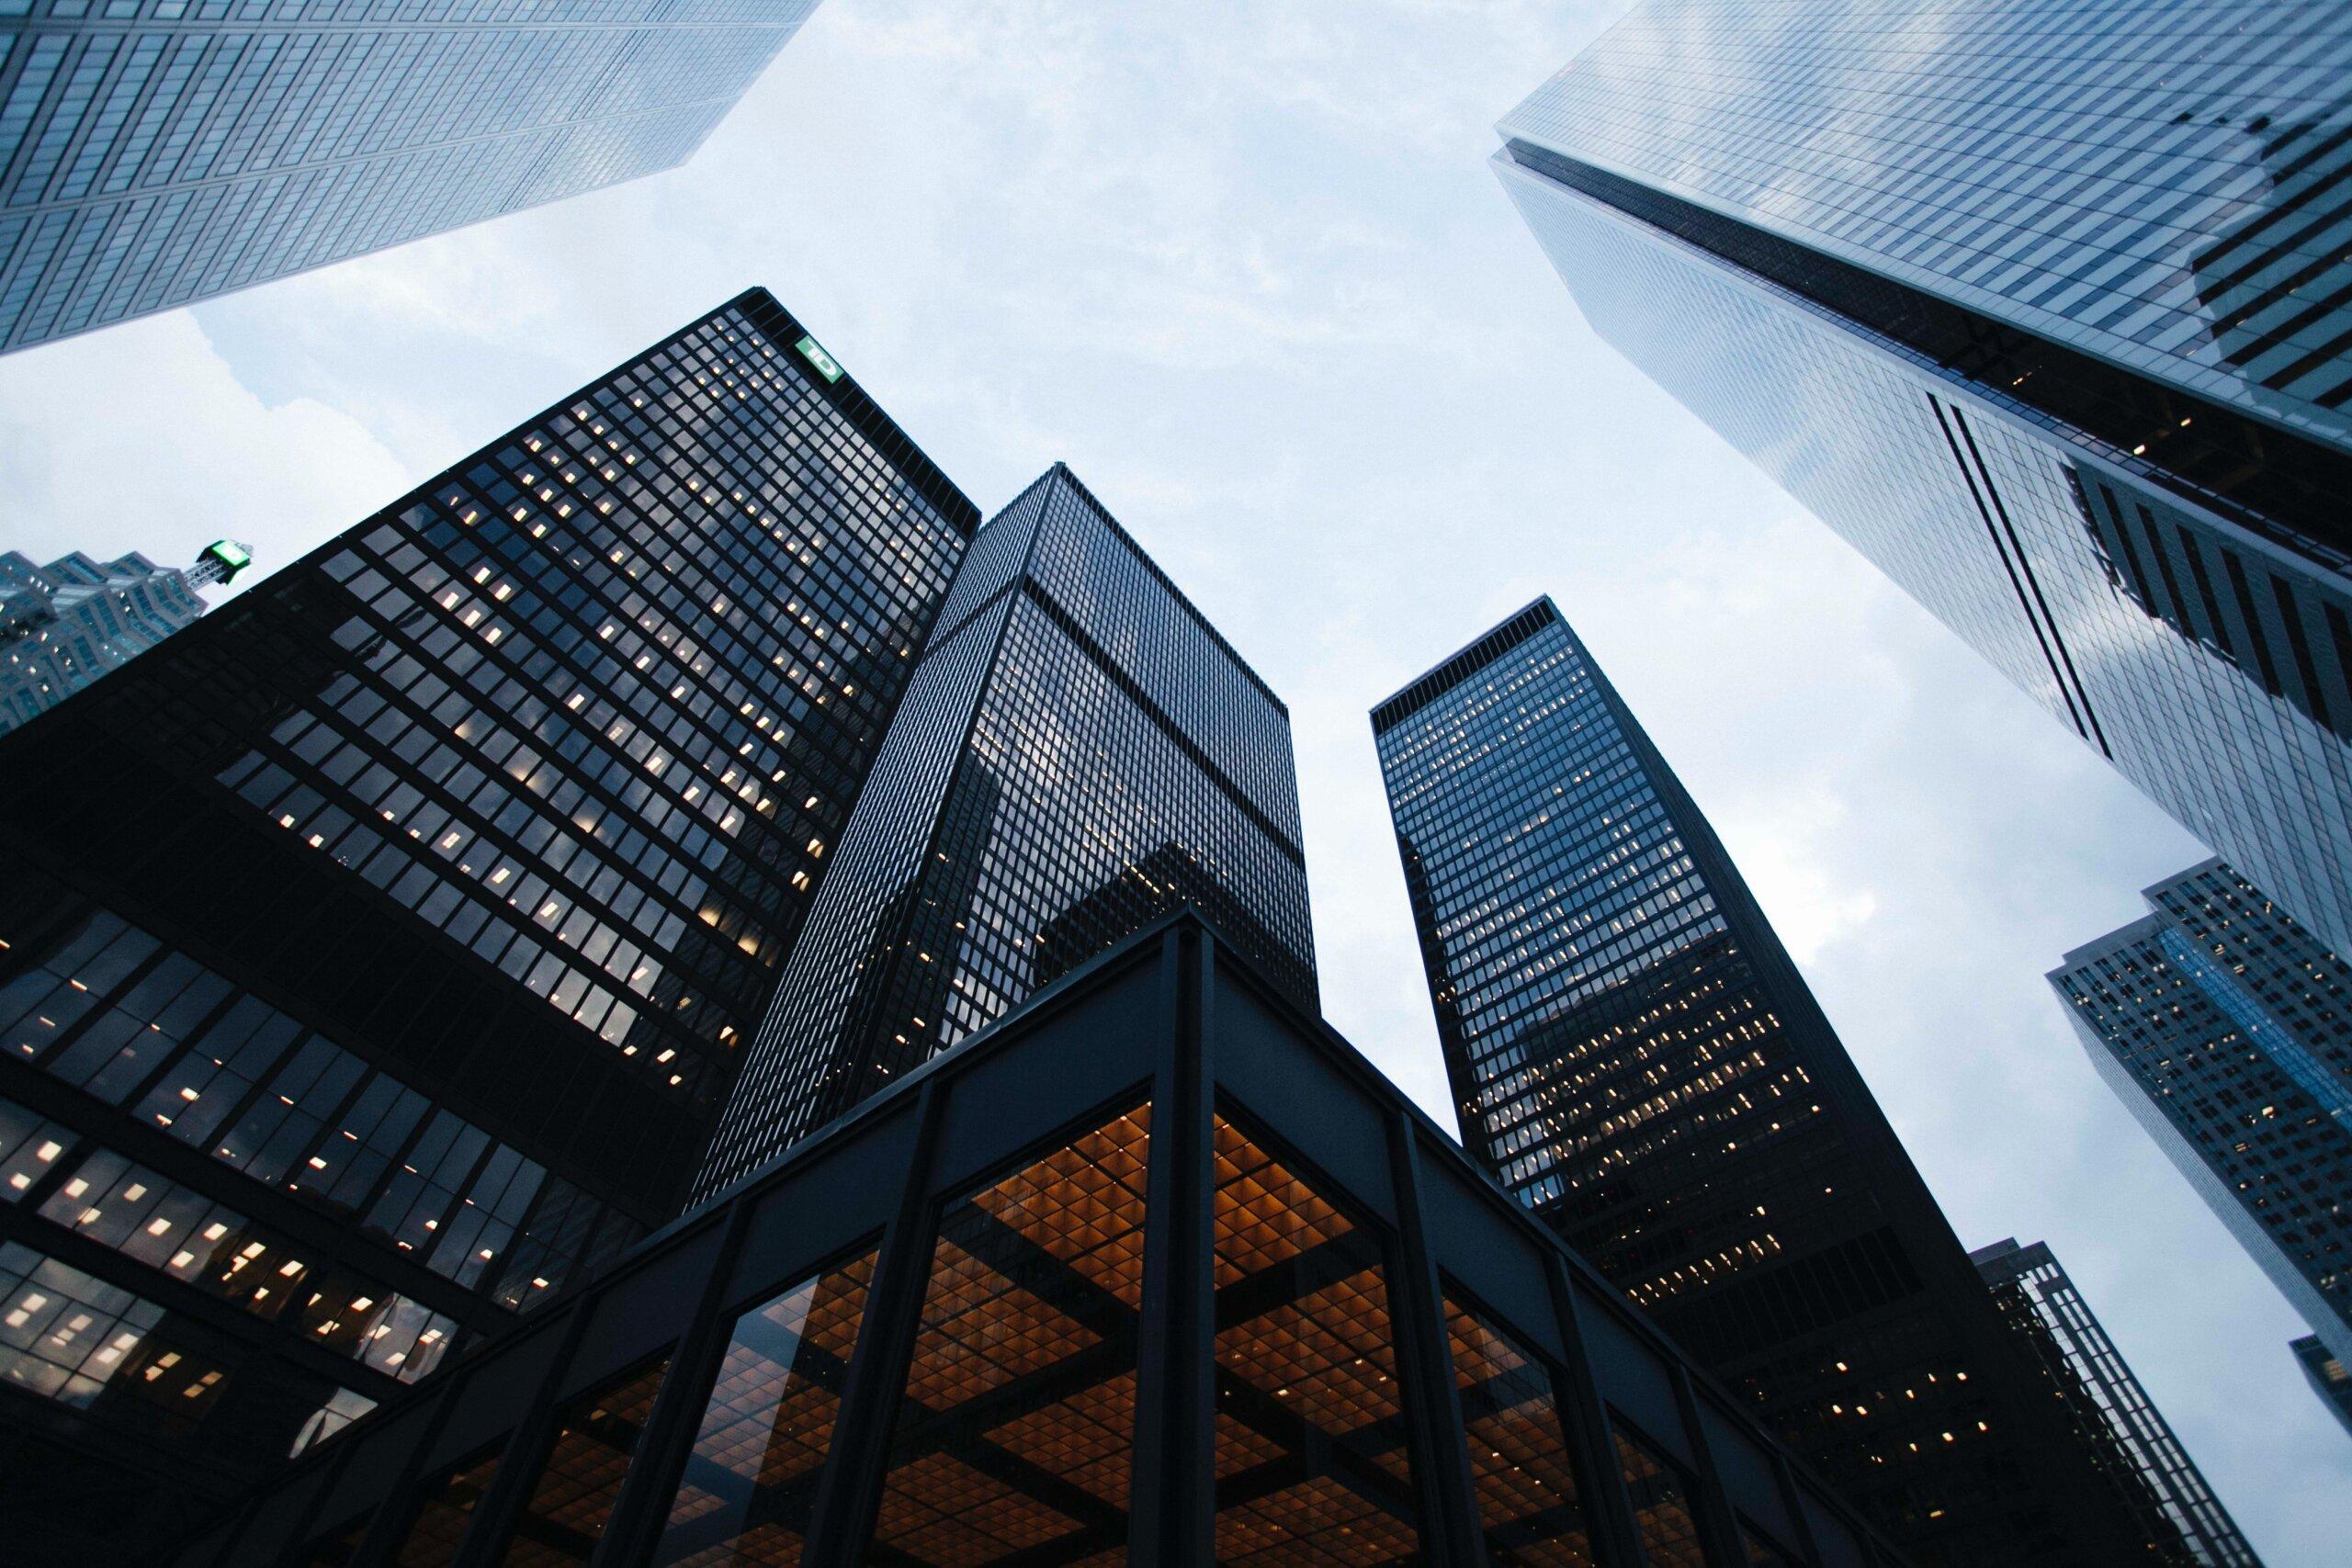 【債券ETF分析】ハイイールド債券ETFのリスクを低下させる運用法